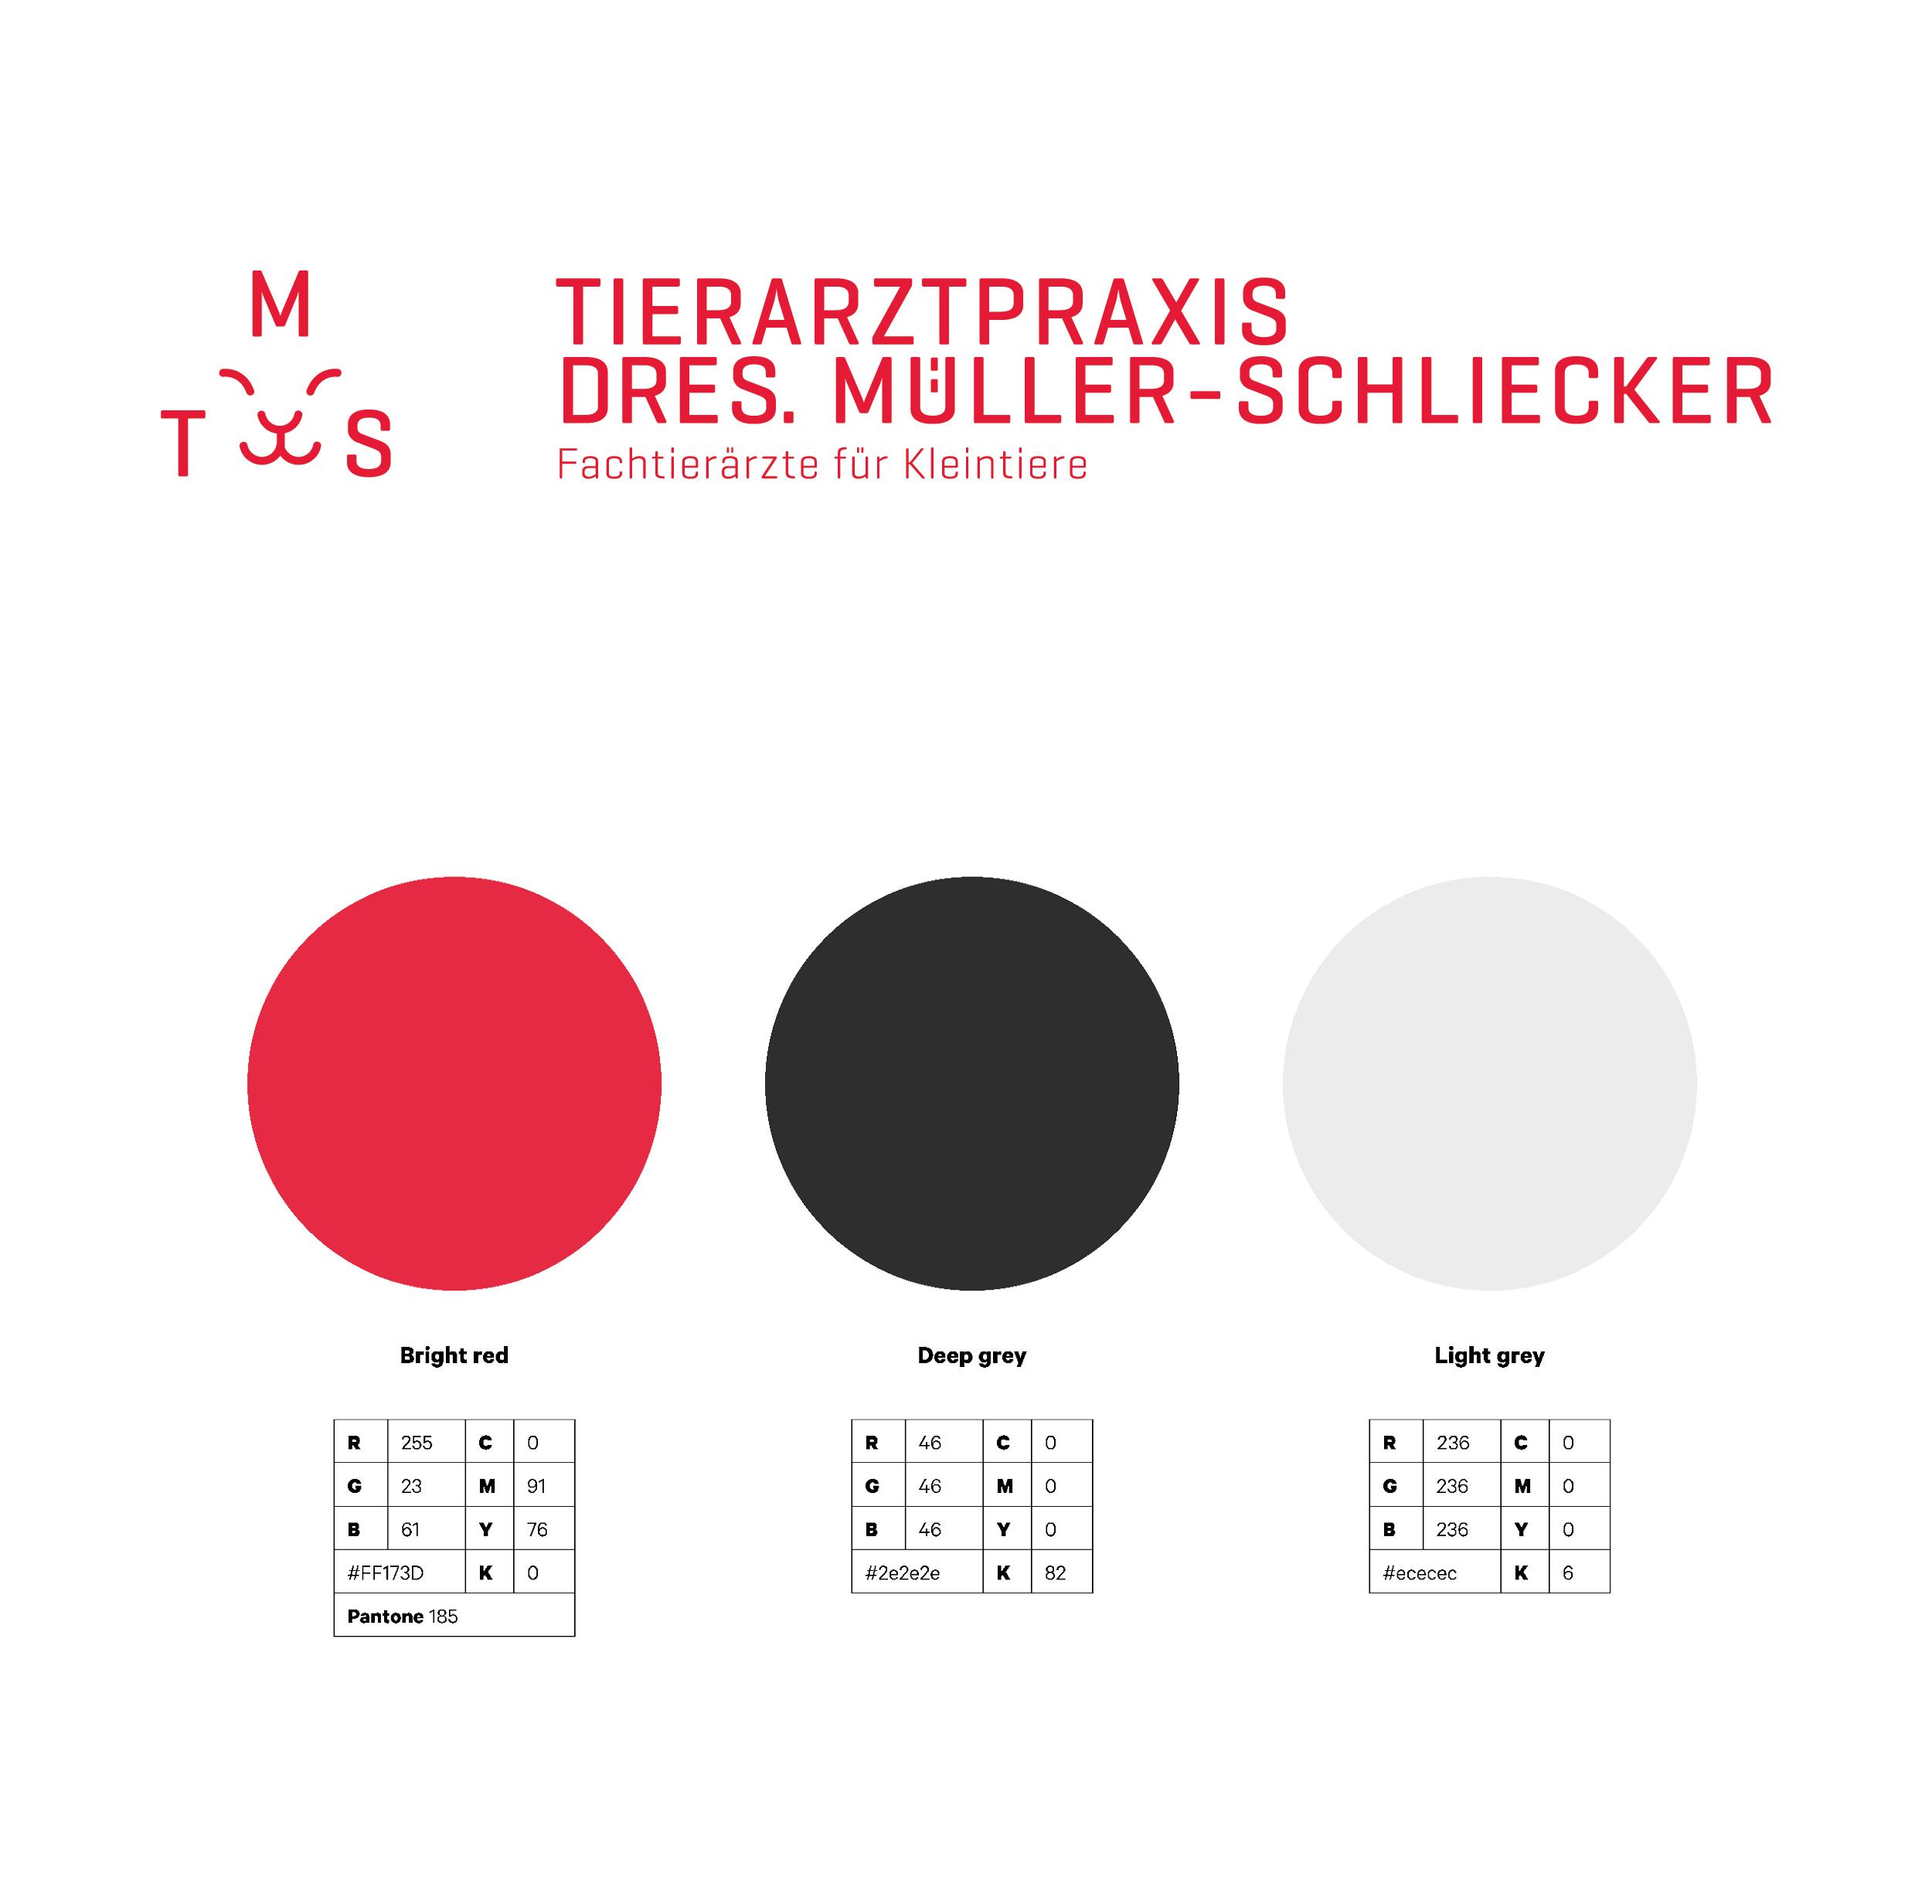 Tierarztpraxis Dres. Müller-Schliecker